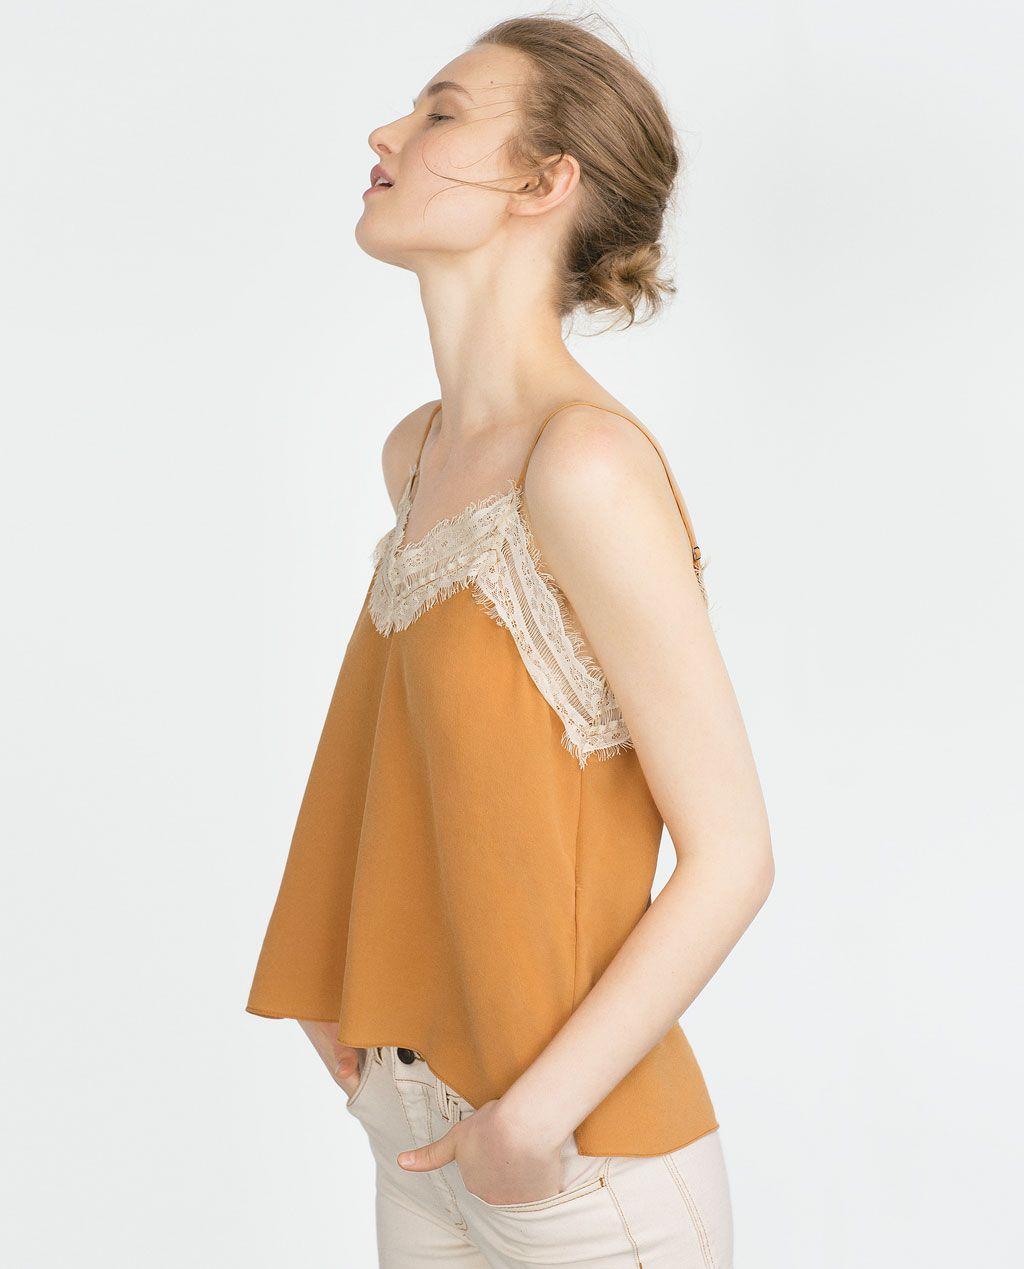 Top Soie Tout Style Nuisette Voir Chemises France FemmeZara En ARLj54